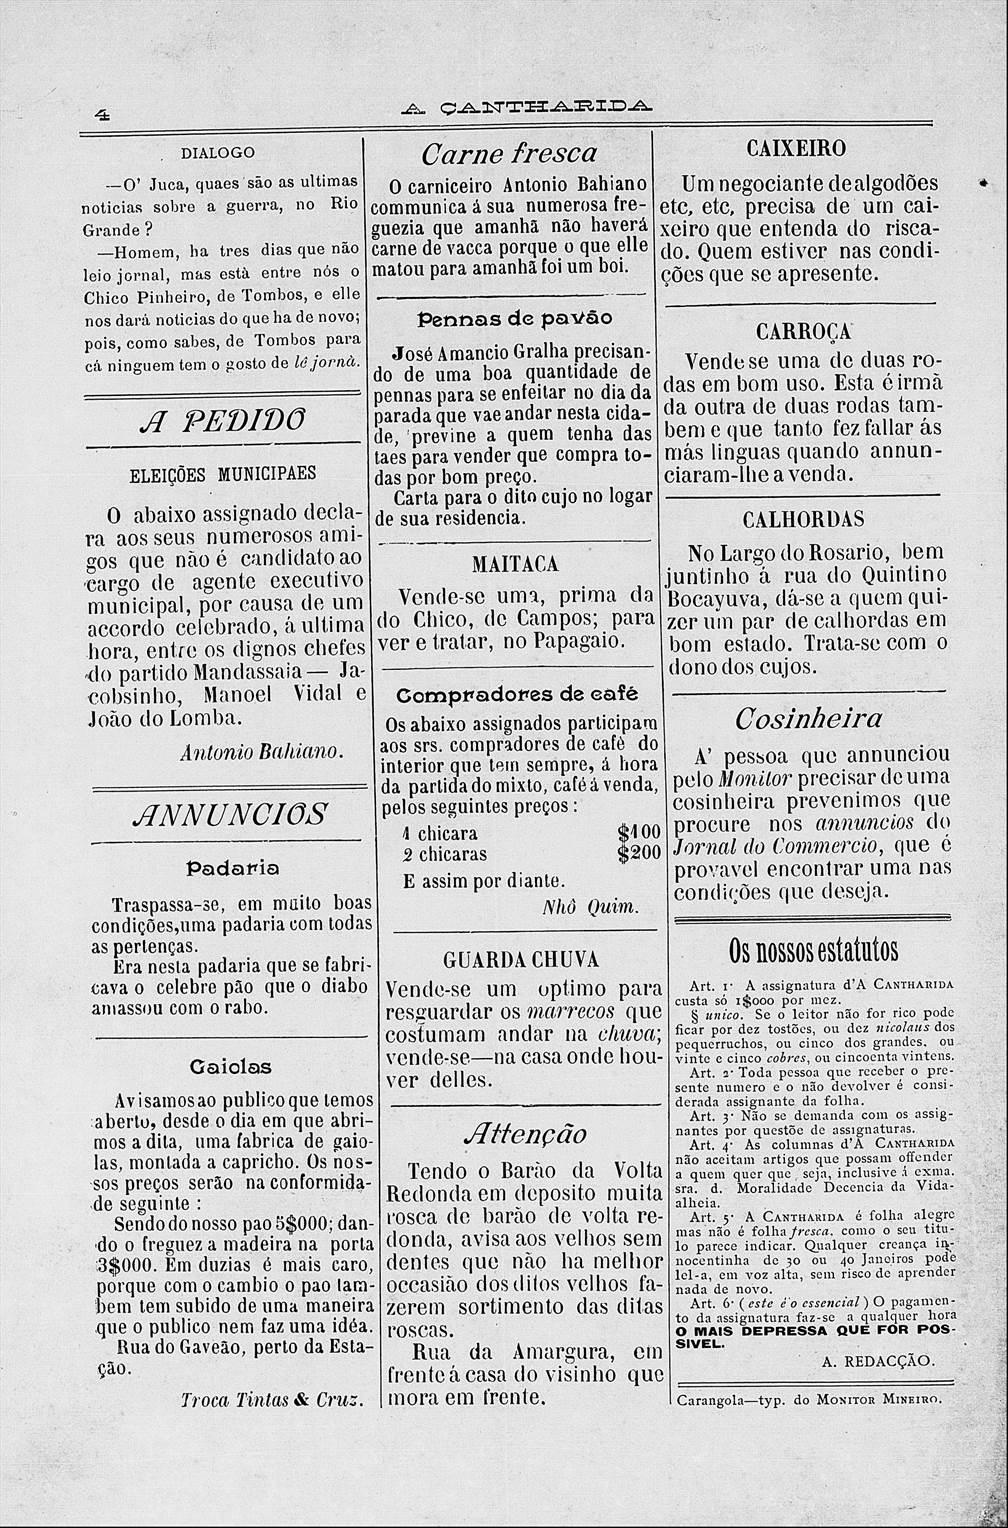 secao-dos-anuncios-de-um-jornal-de-1894